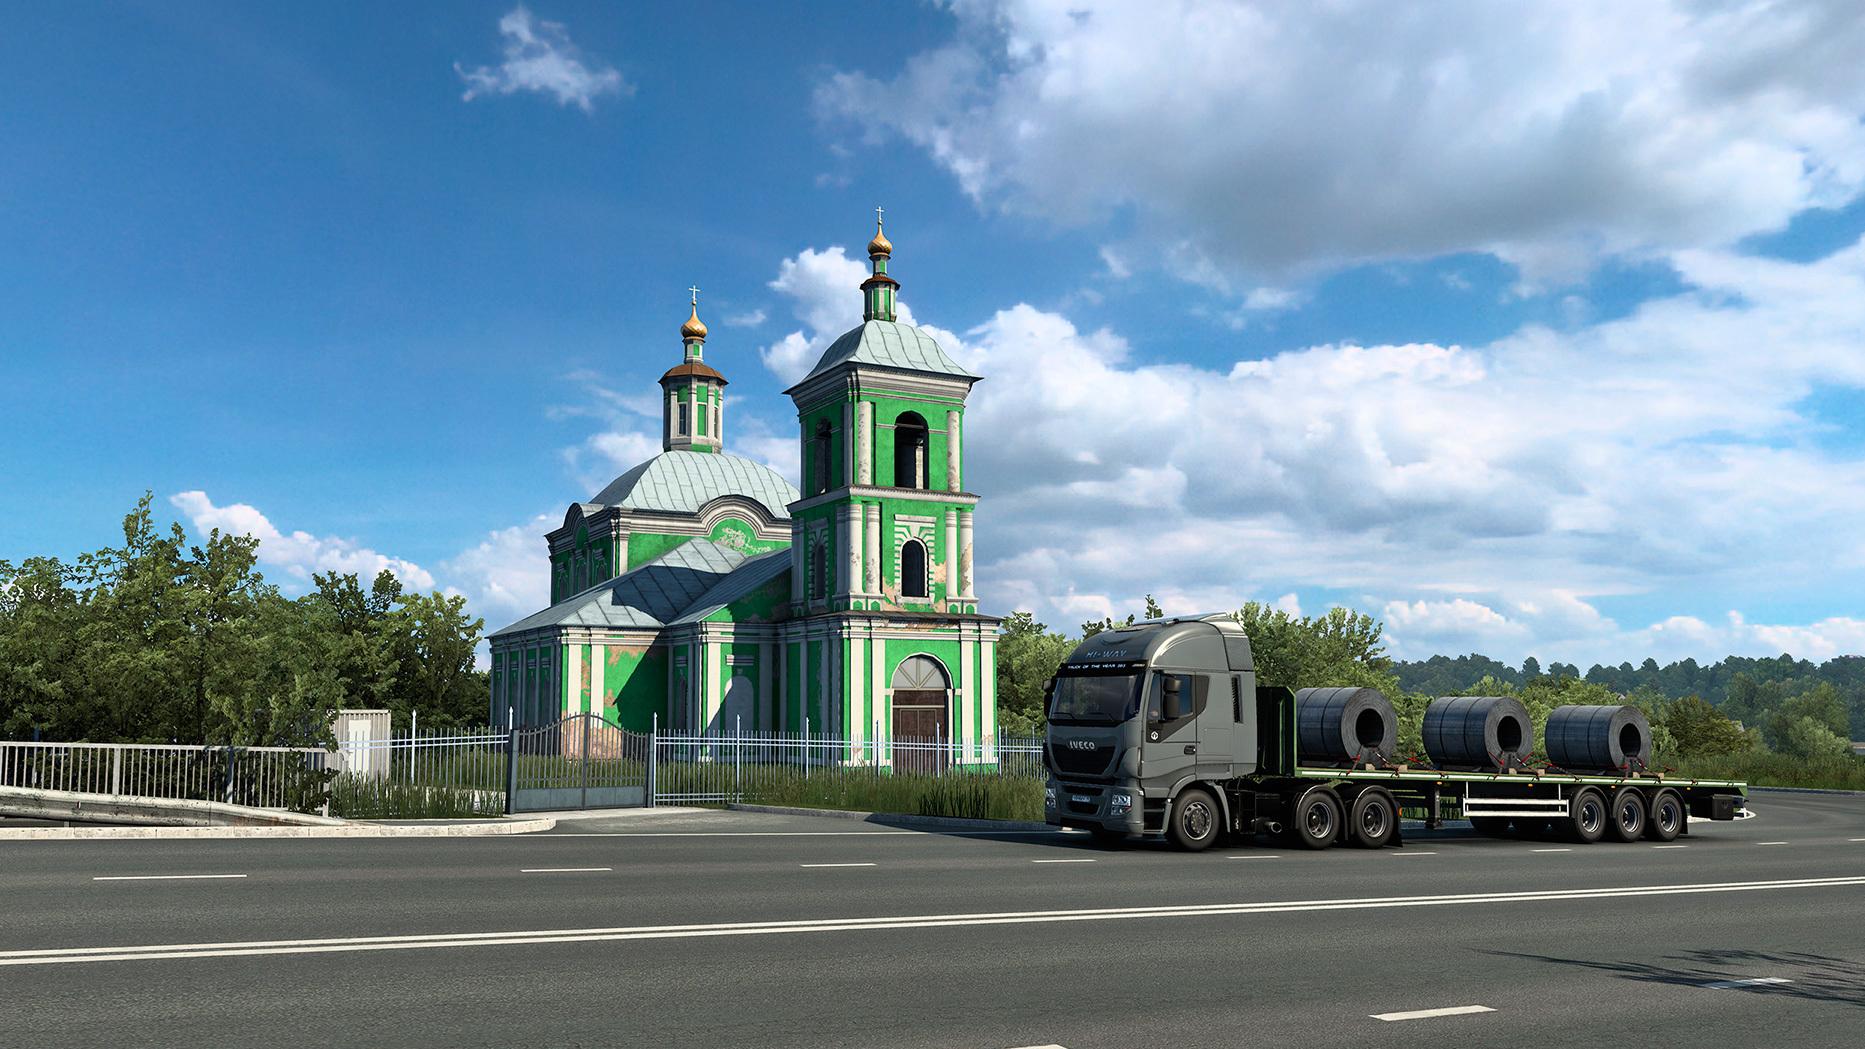 «Золотые купола душу мою радуют» — скриншоты с церквями из дополнения Heart of Russia для Euro Truck Simulator 2